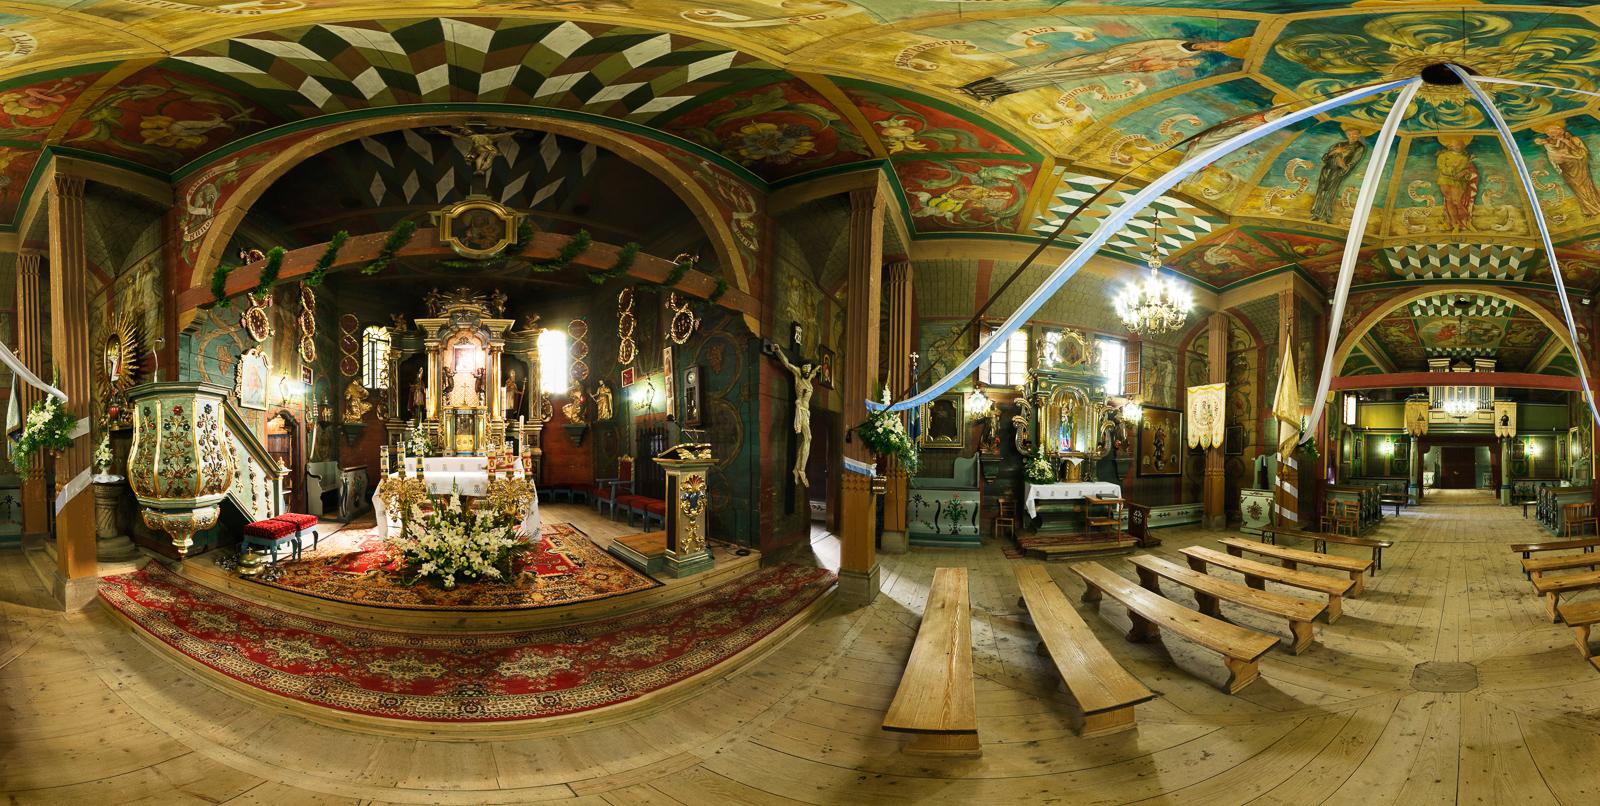 Ptaszkowa, kościół pw. Wszystkich Świętych - wirtualna wycieczka